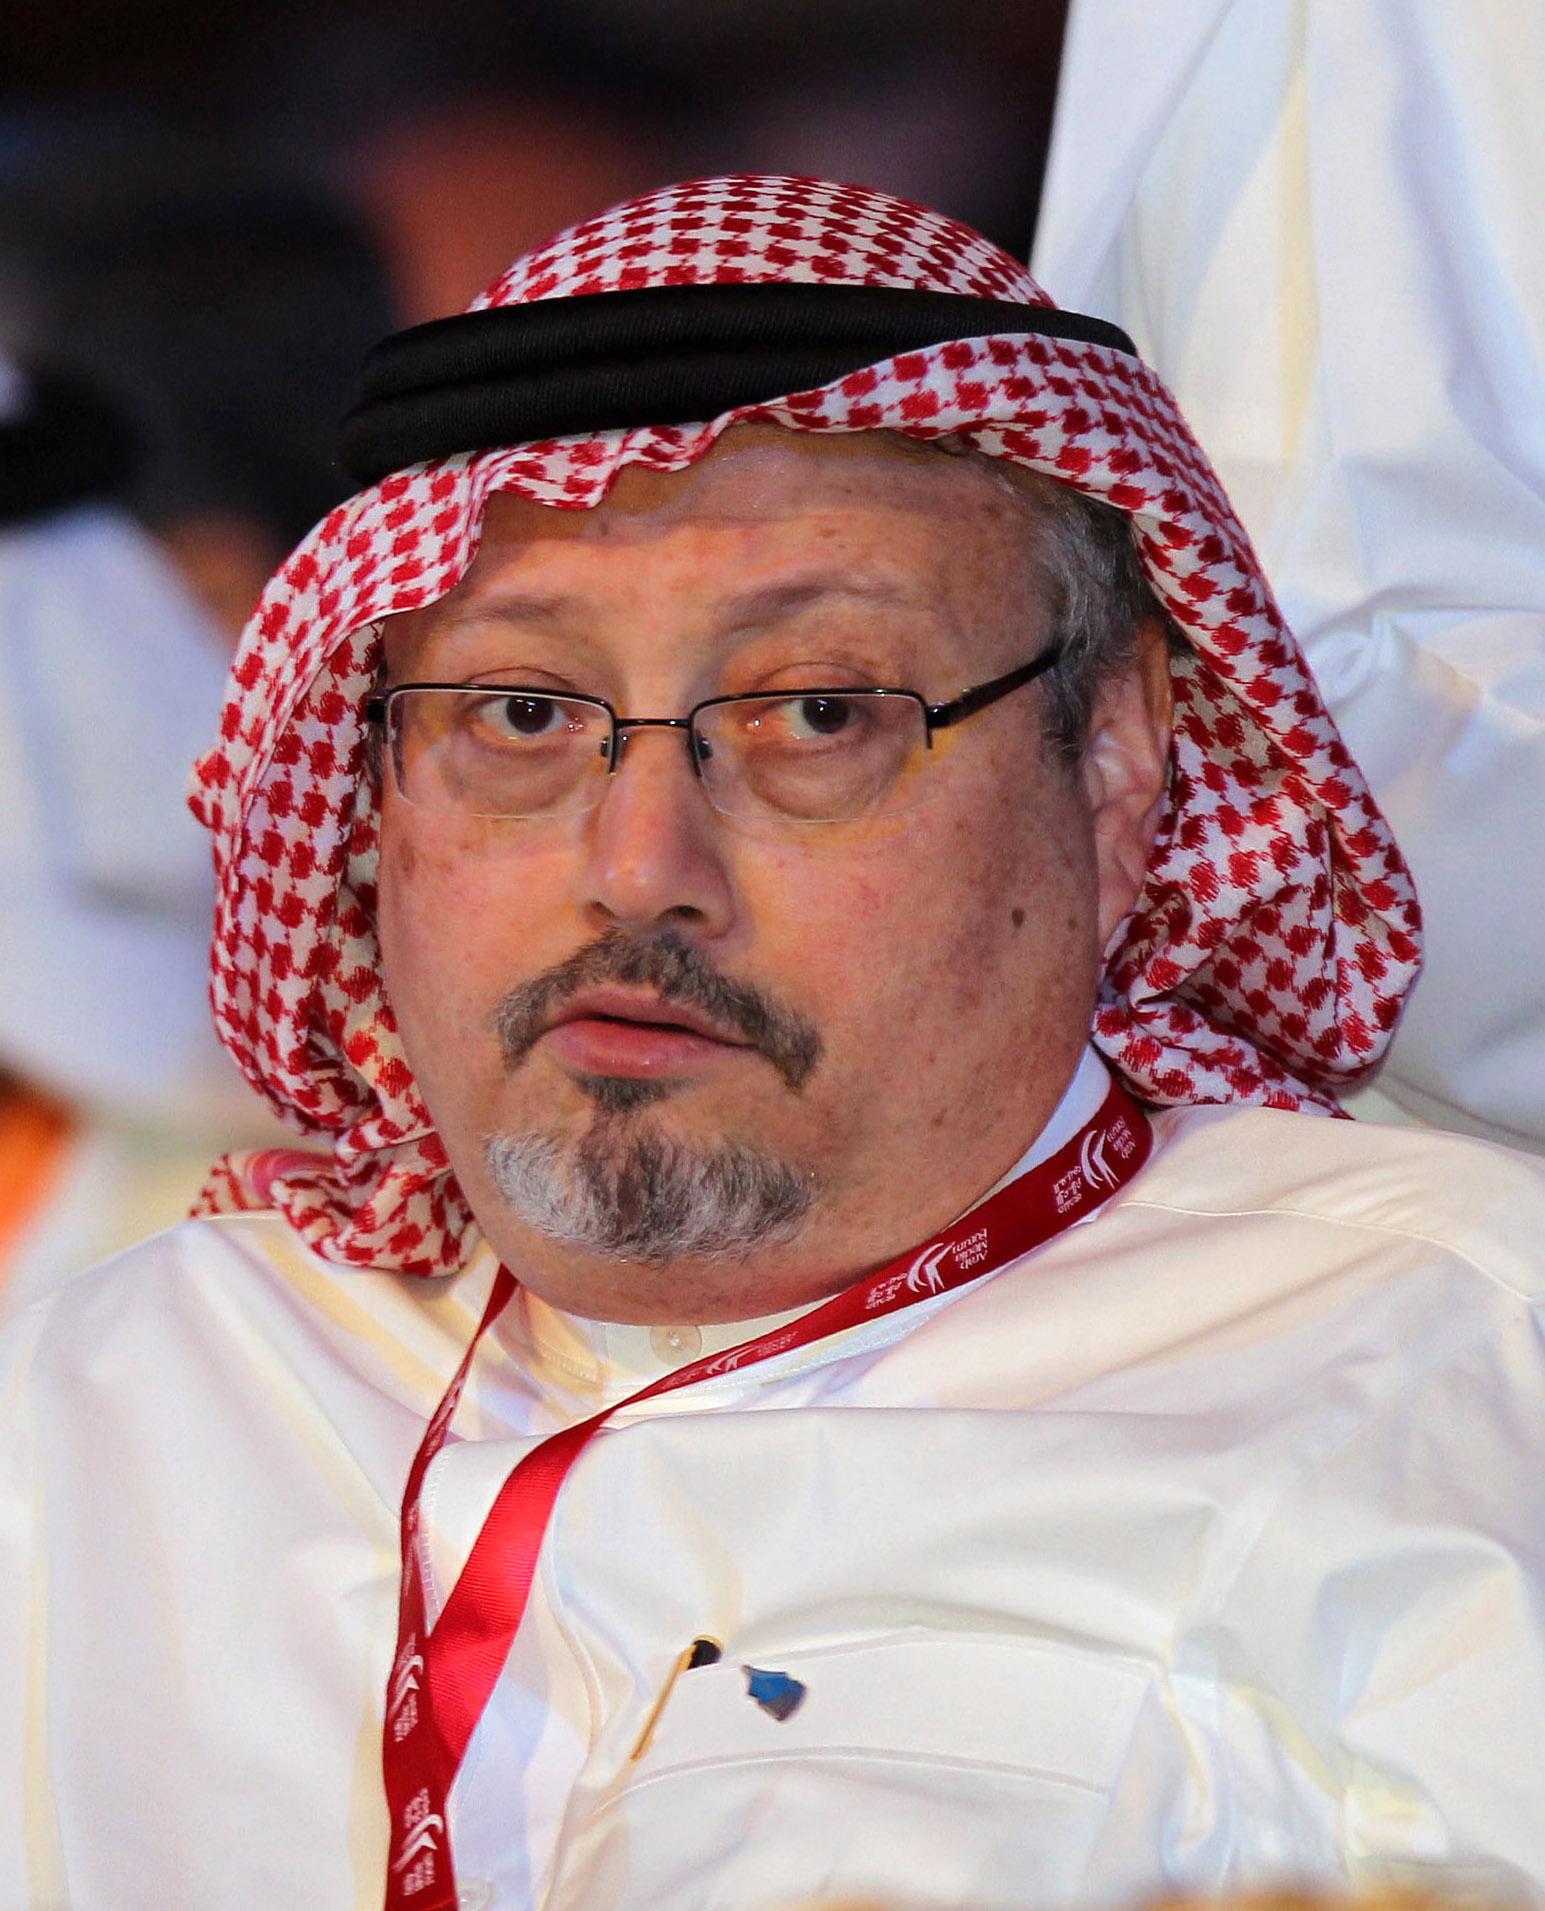 Američki senatori vjeruju da je saudijski princ naručio ubojstvo Khashoggija